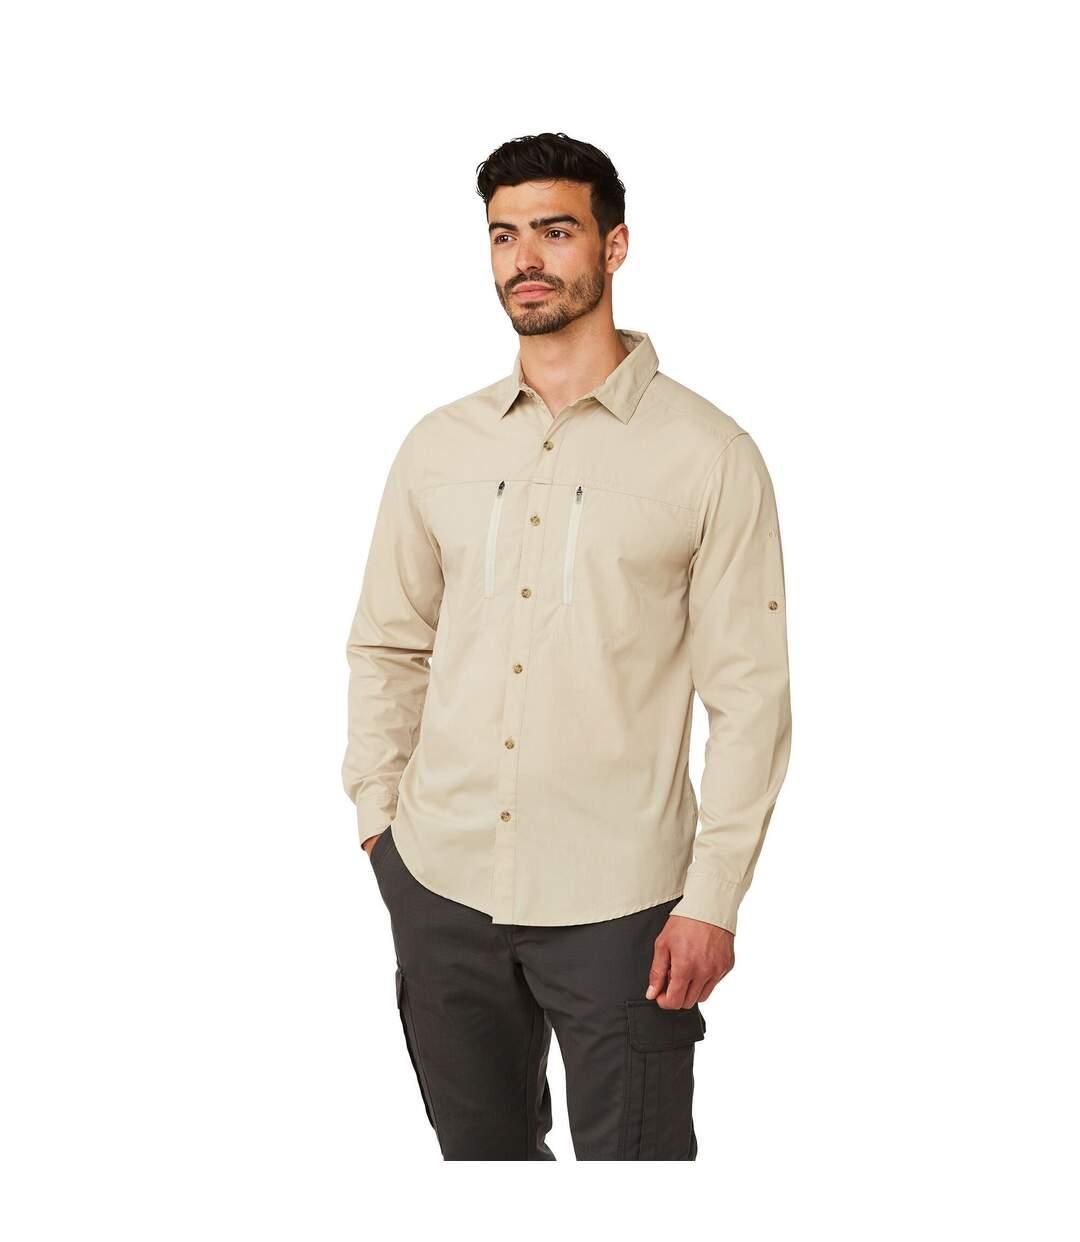 Craghoppers Mens Kiwi Boulder Long Sleeved Shirt (Oatmeal) - UTCG1103